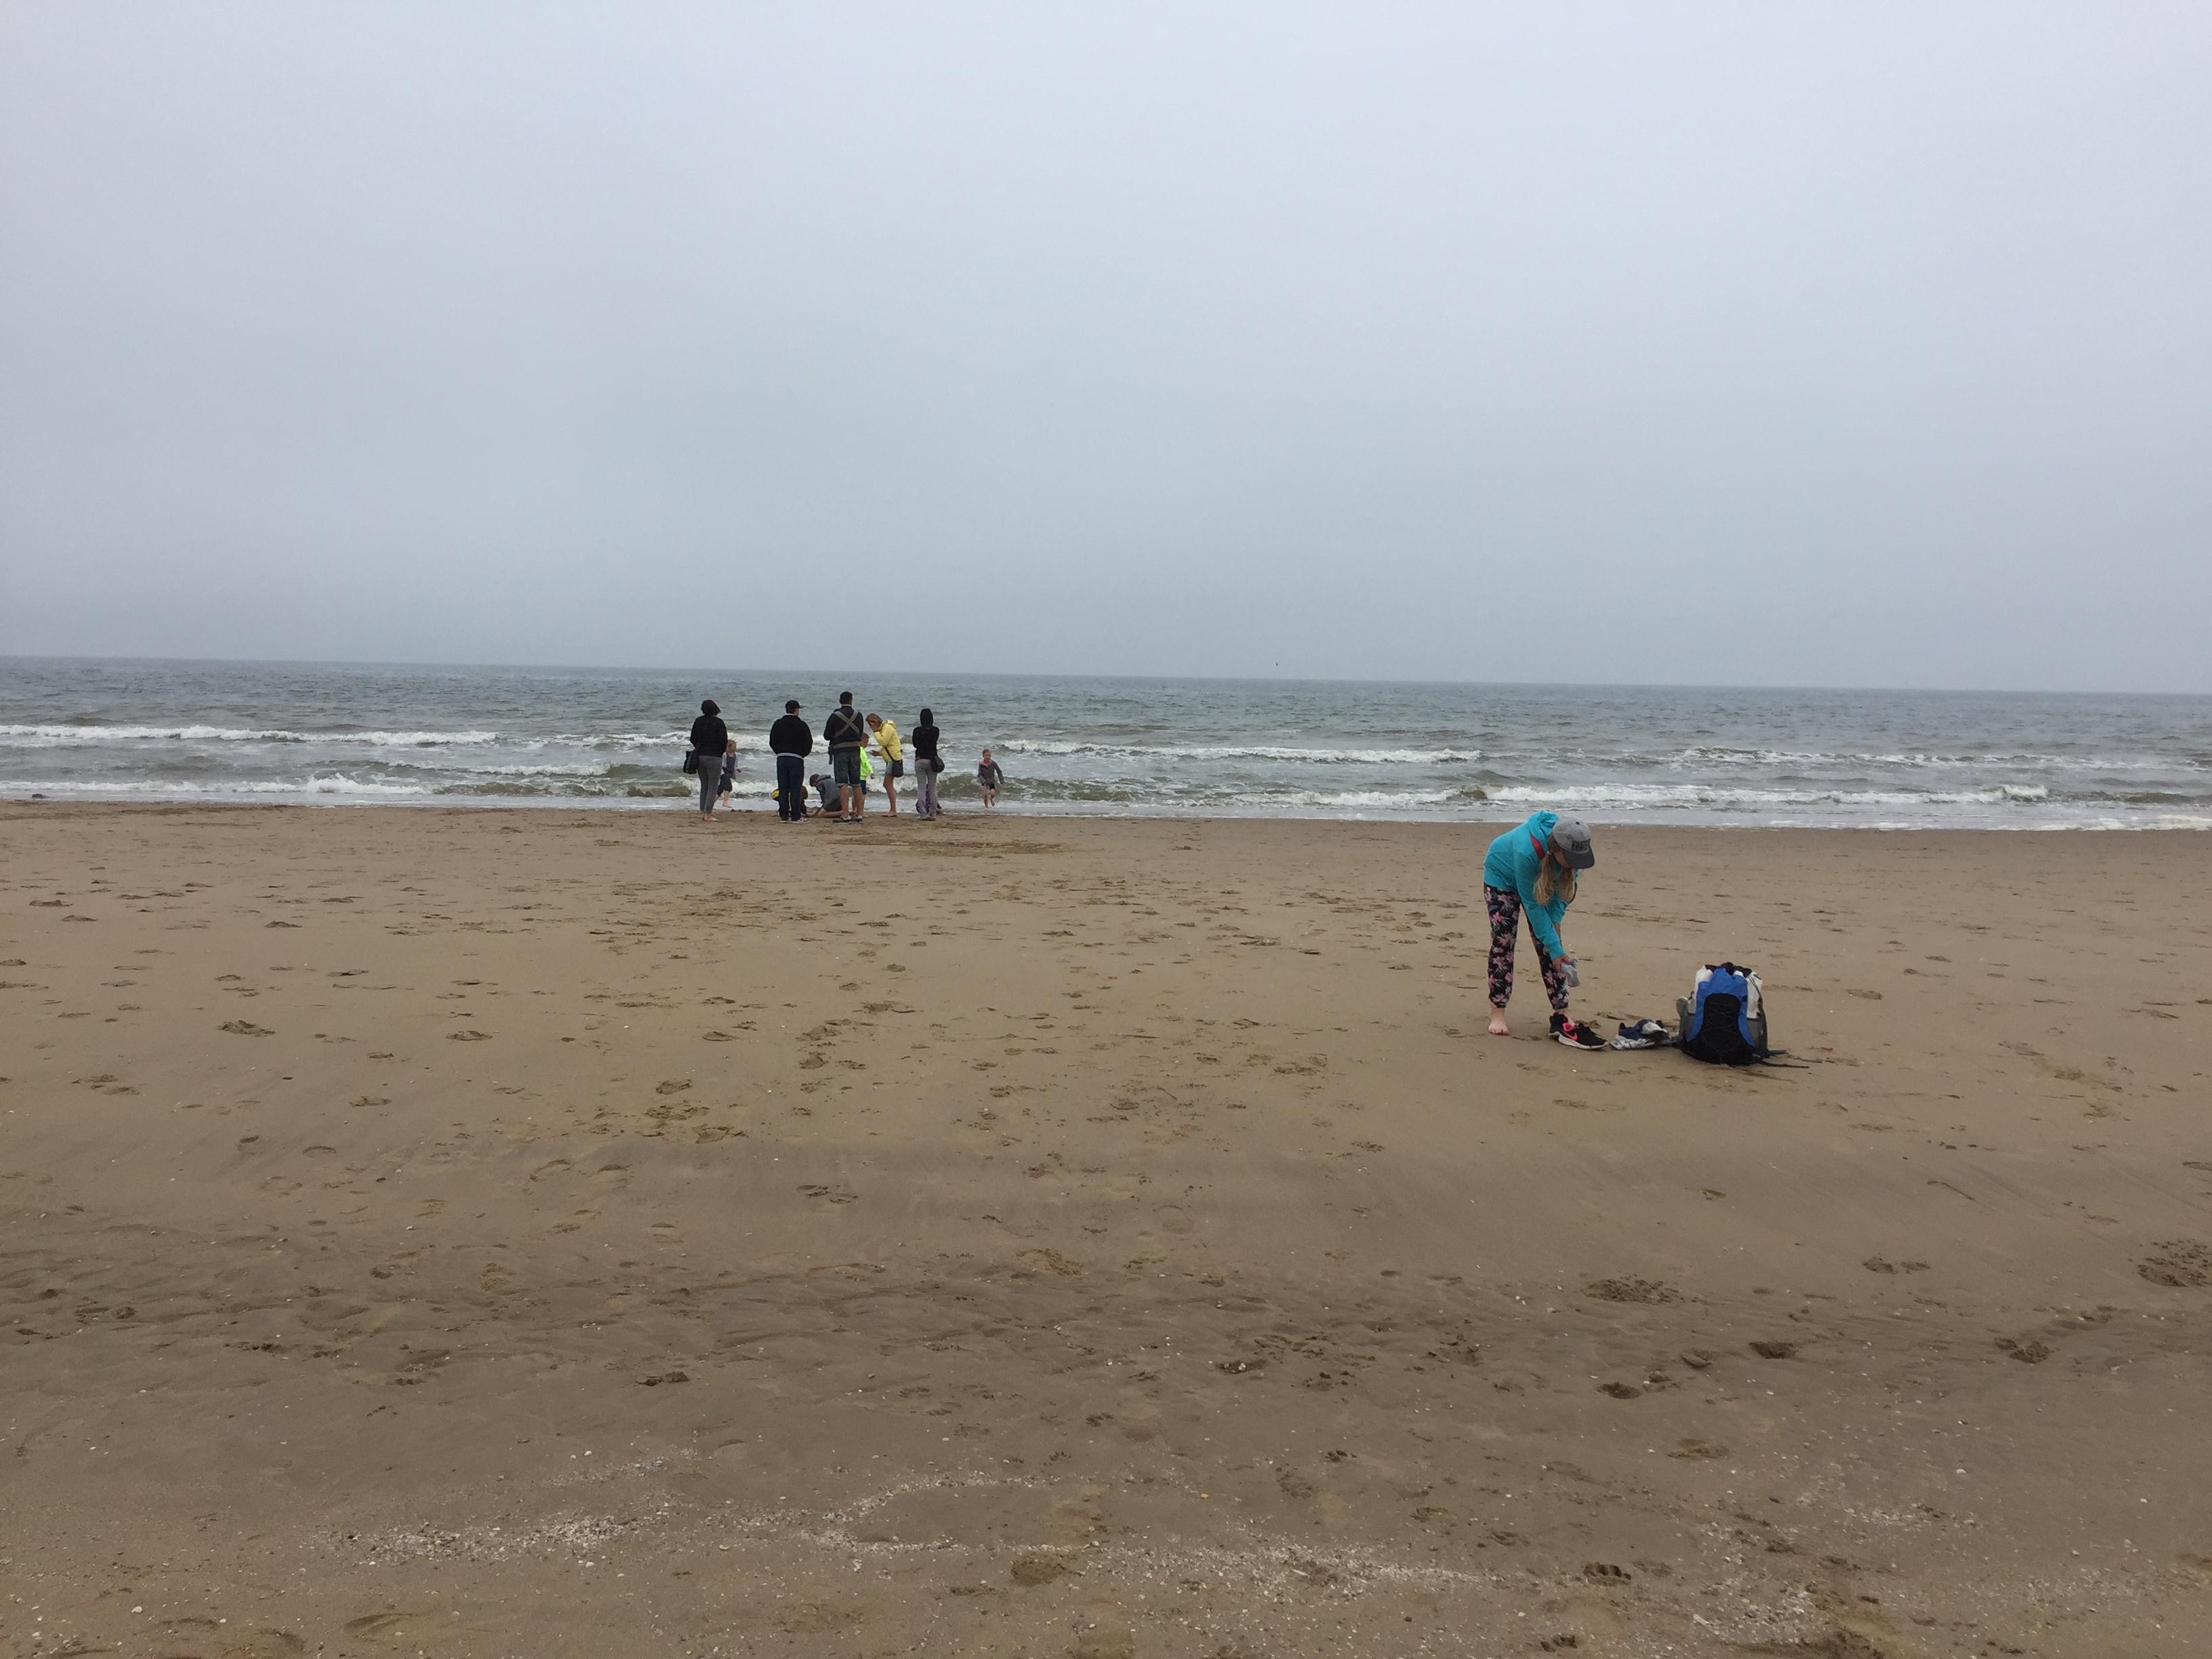 Die Gruppe am Strand an der Nordsee